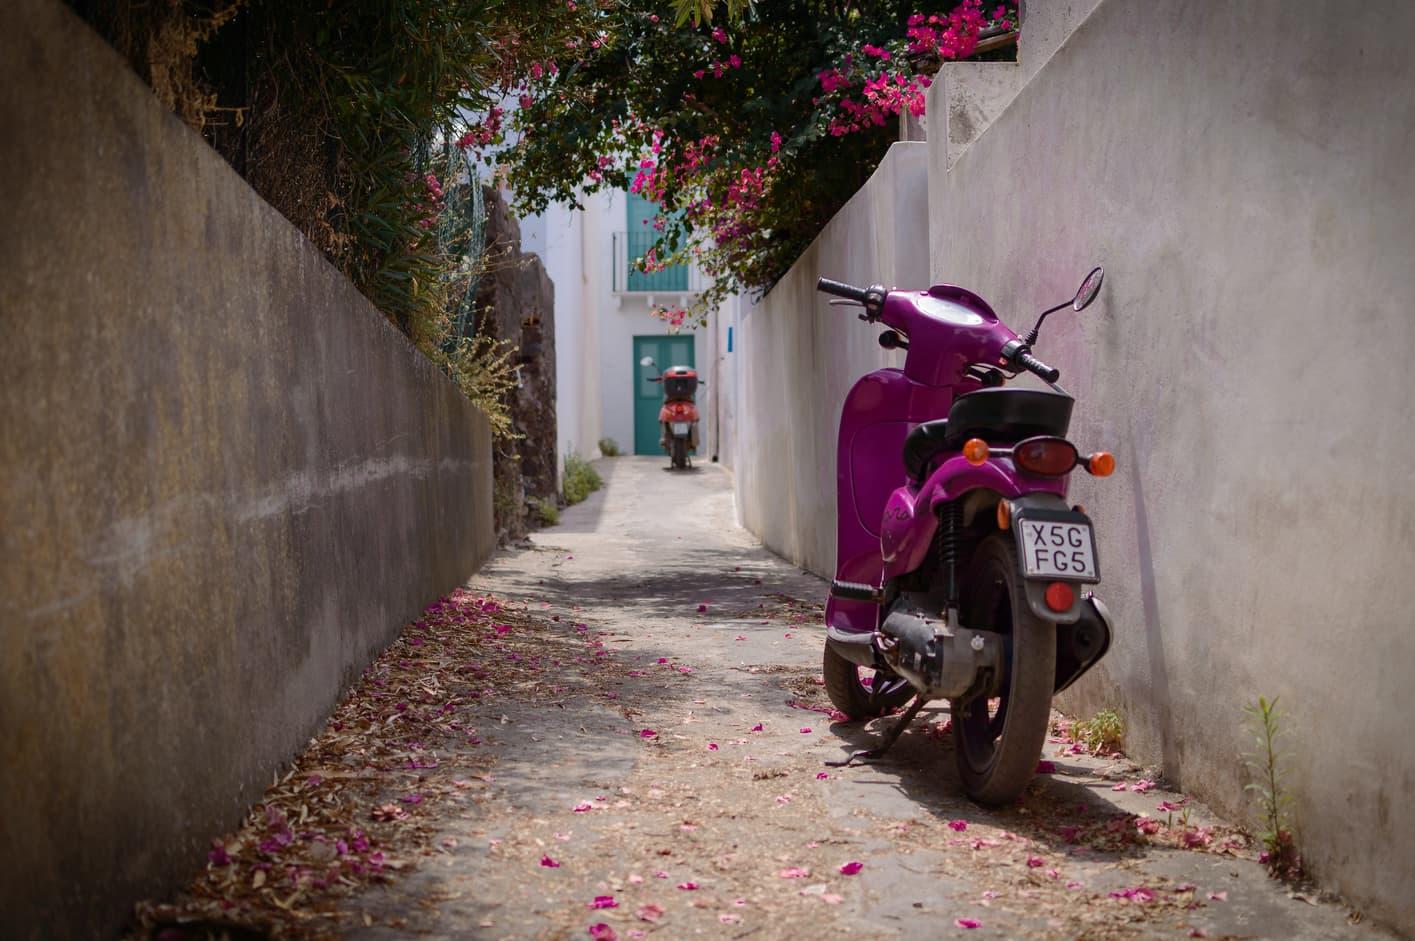 Street in Stromboli Sicily Italy.